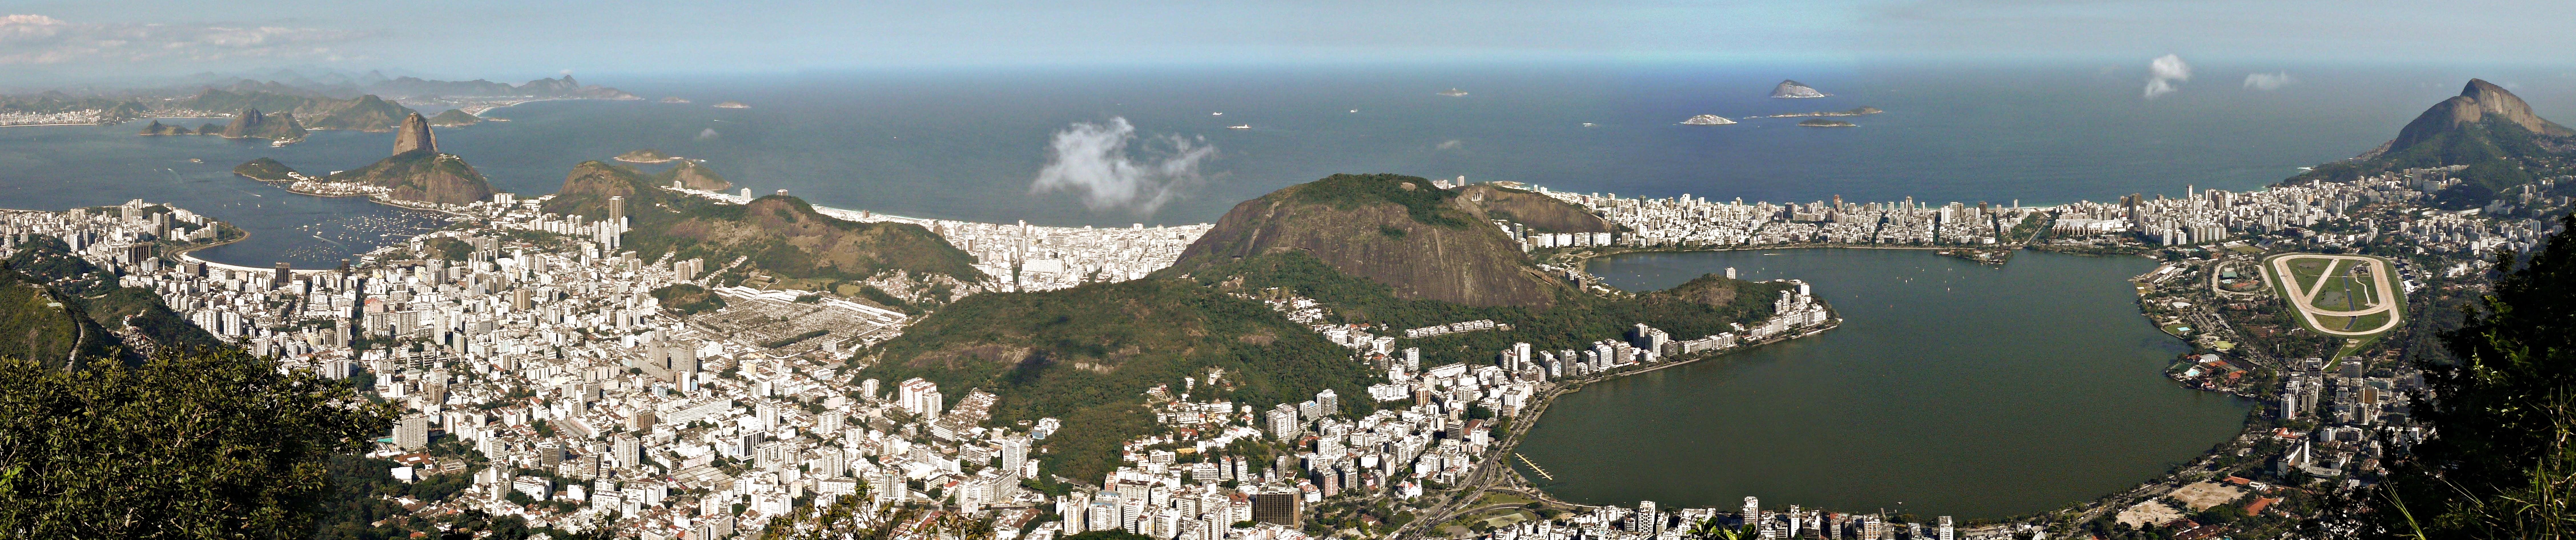 Panorama_from_Rio_de_Janeiro.jpg